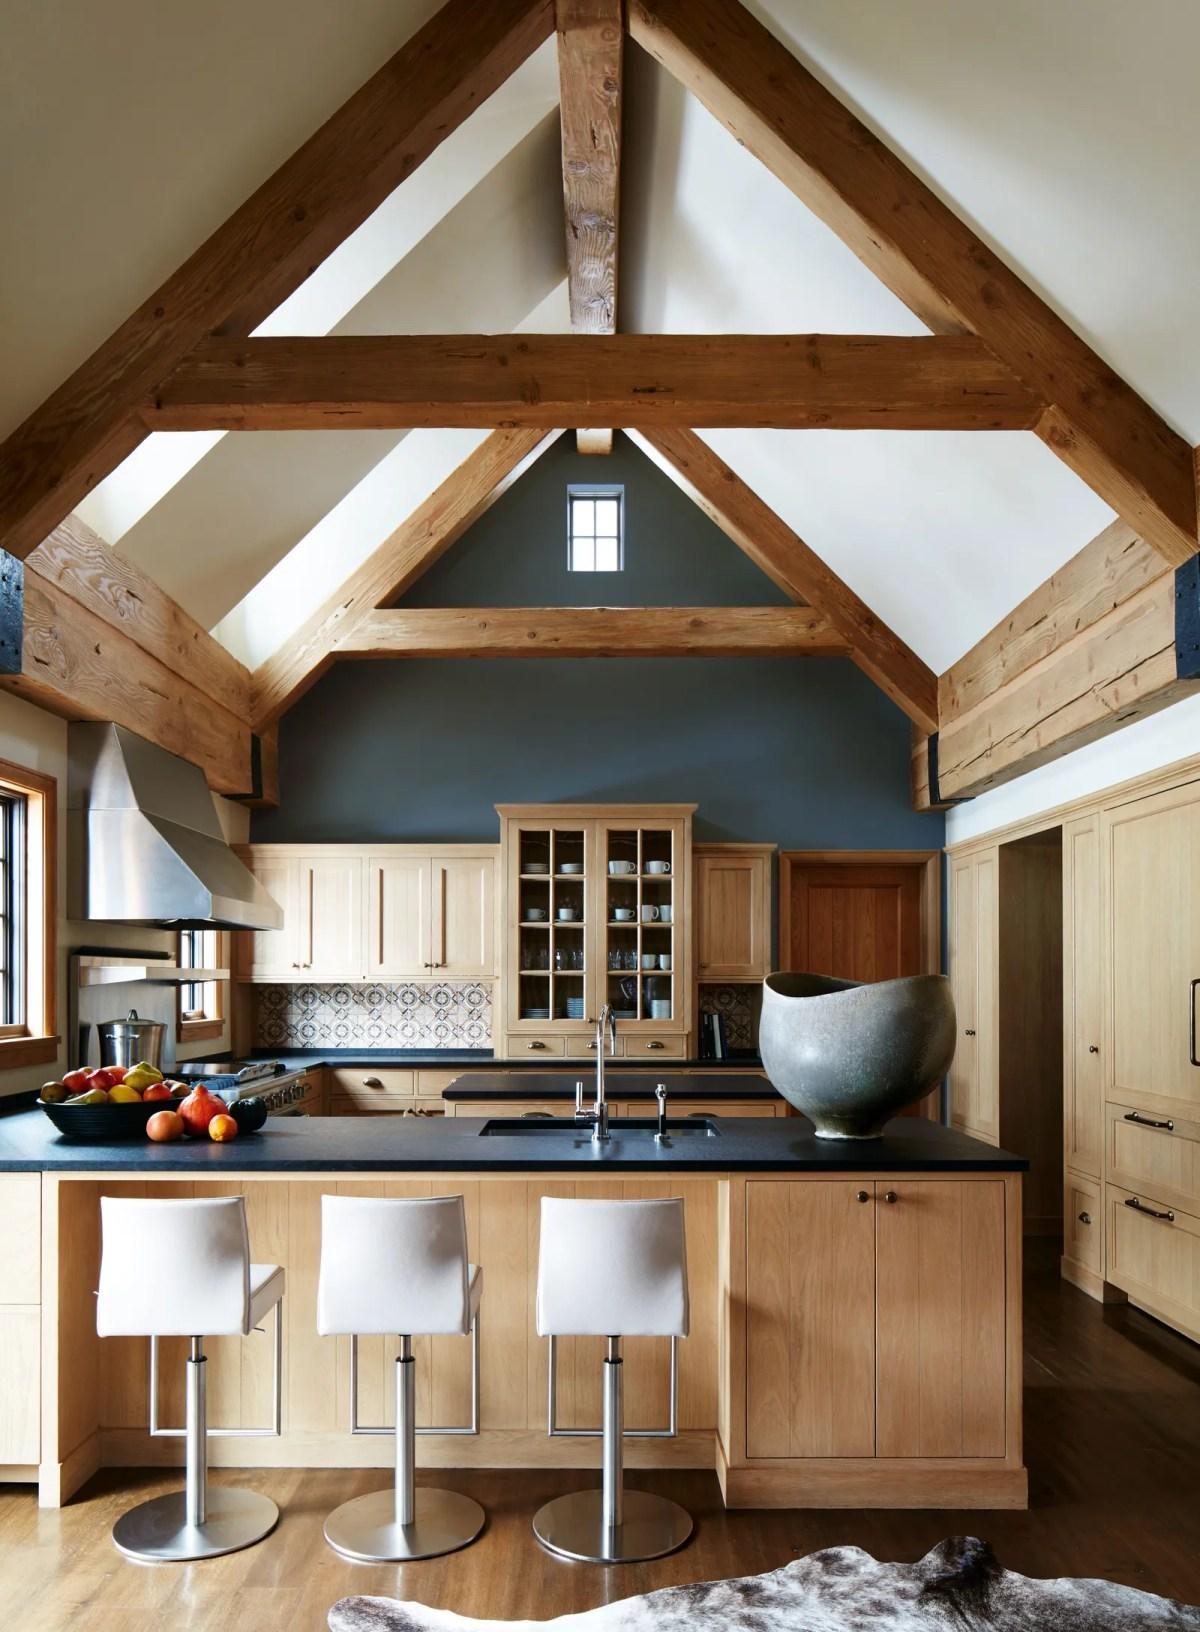 Мне нравится, что эта кухня теплая и уютная, но при этом очень современная, признает Наннерли. Кухня, наверное, Наннерли ...